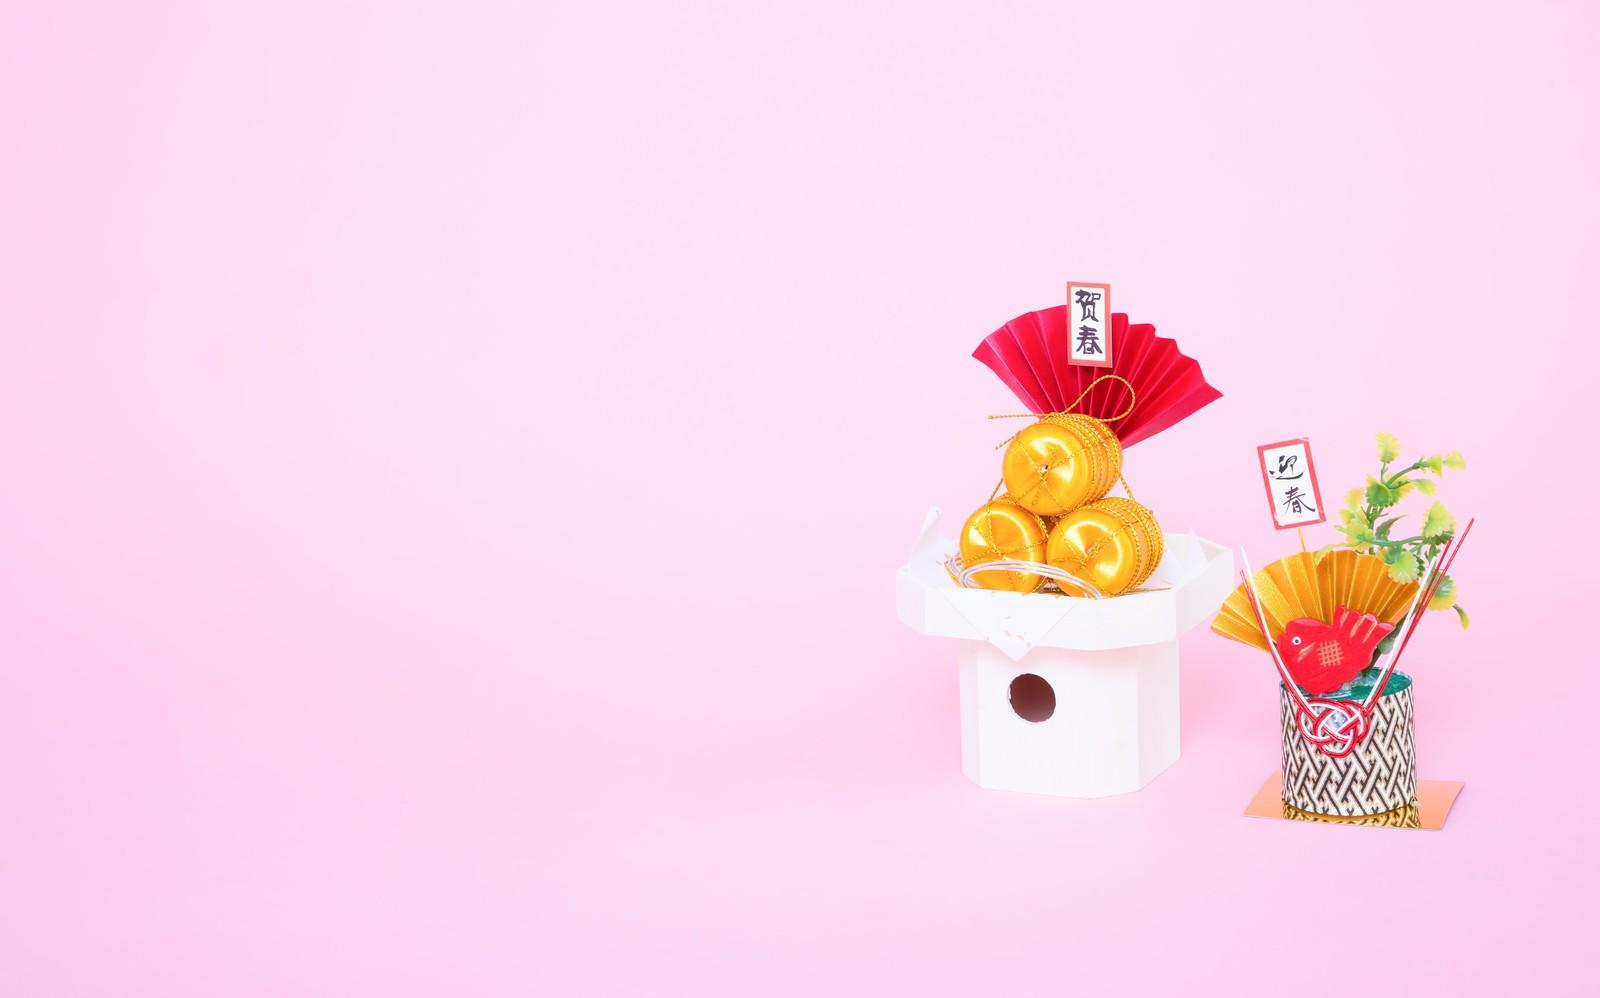 【年末年始の休診日】のお知らせ古川カイロプラクティックセンター イメージ写真